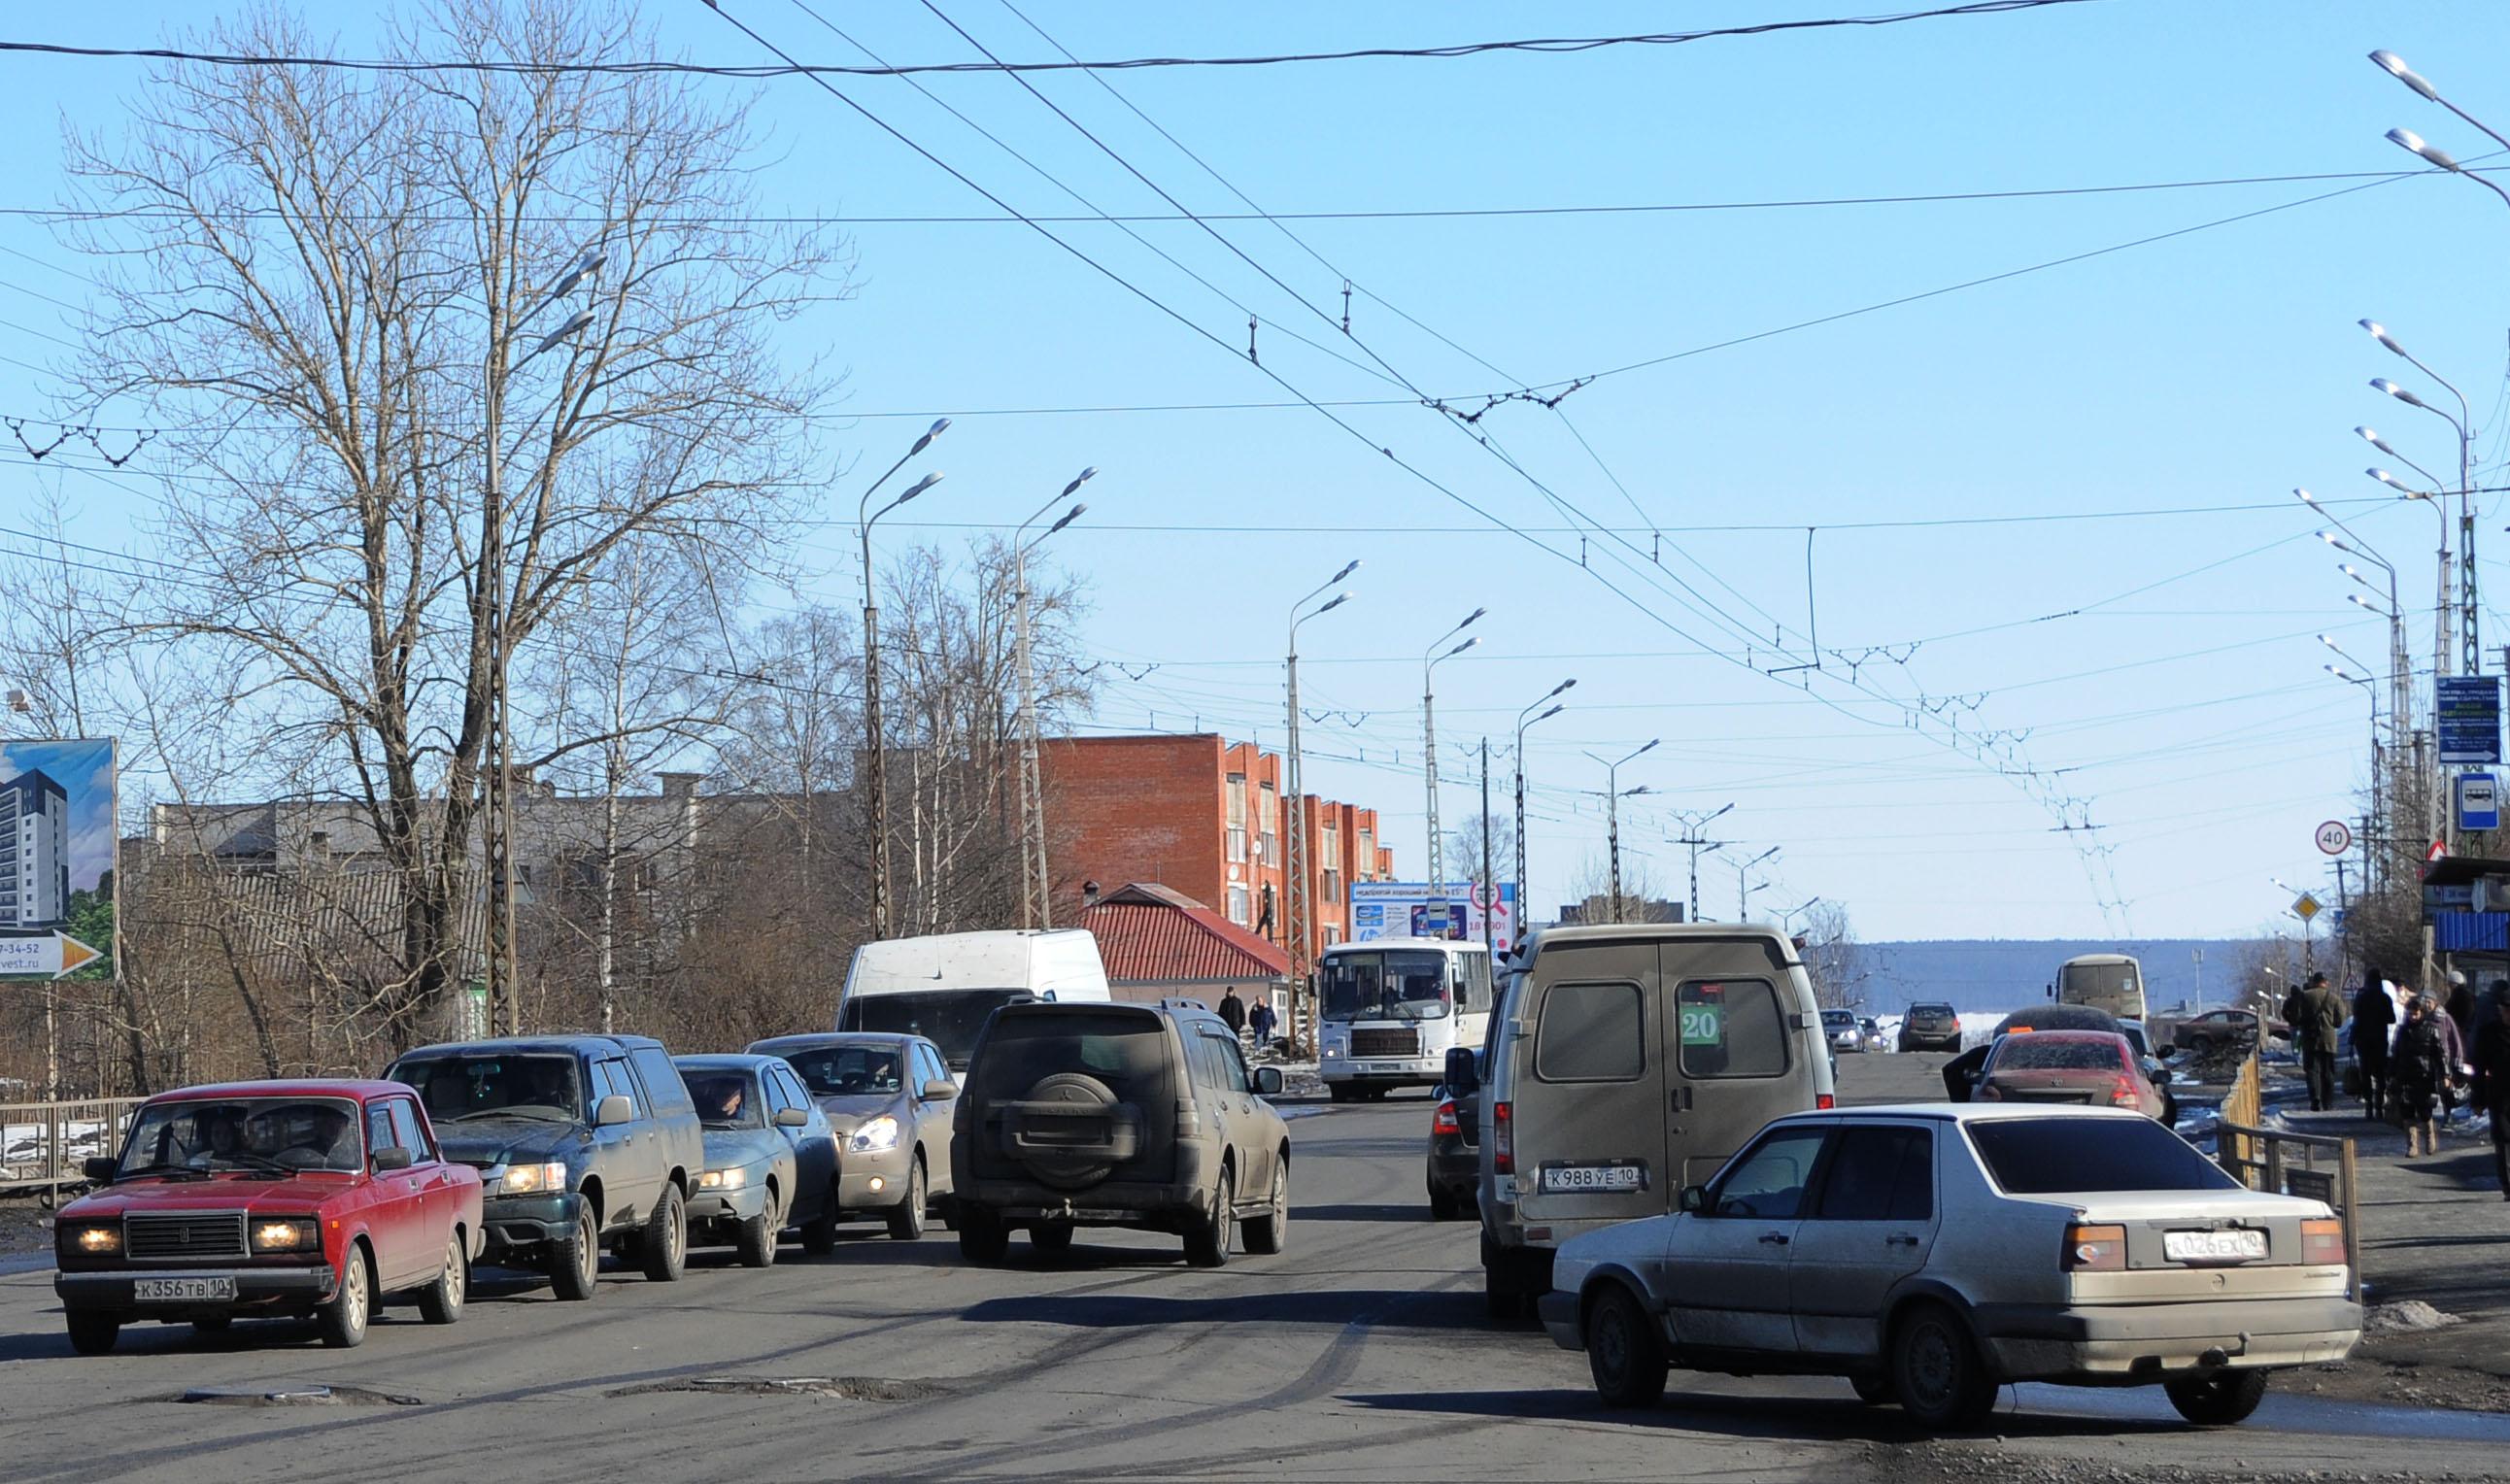 Одна из главных магистралей Петрозаводска носит имя...Чапаева. Фото: Губернiя Daily